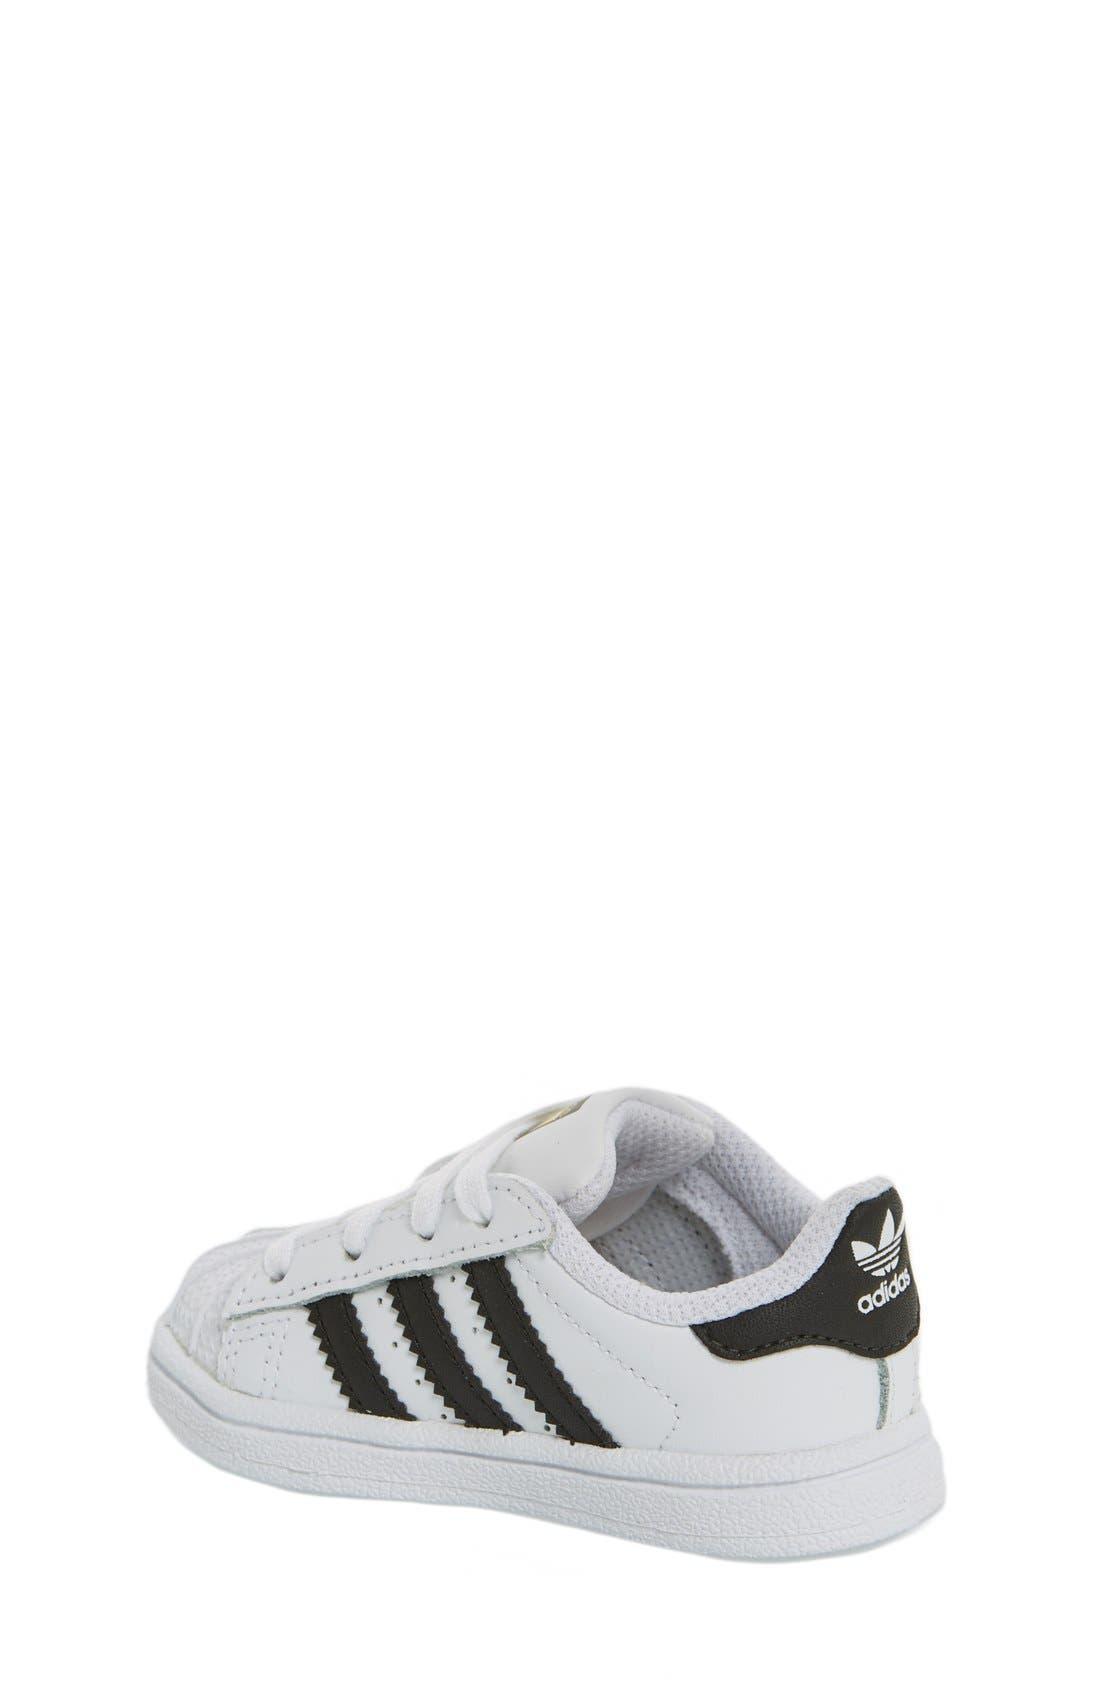 'Superstar' Sneaker,                             Alternate thumbnail 2, color,                             101